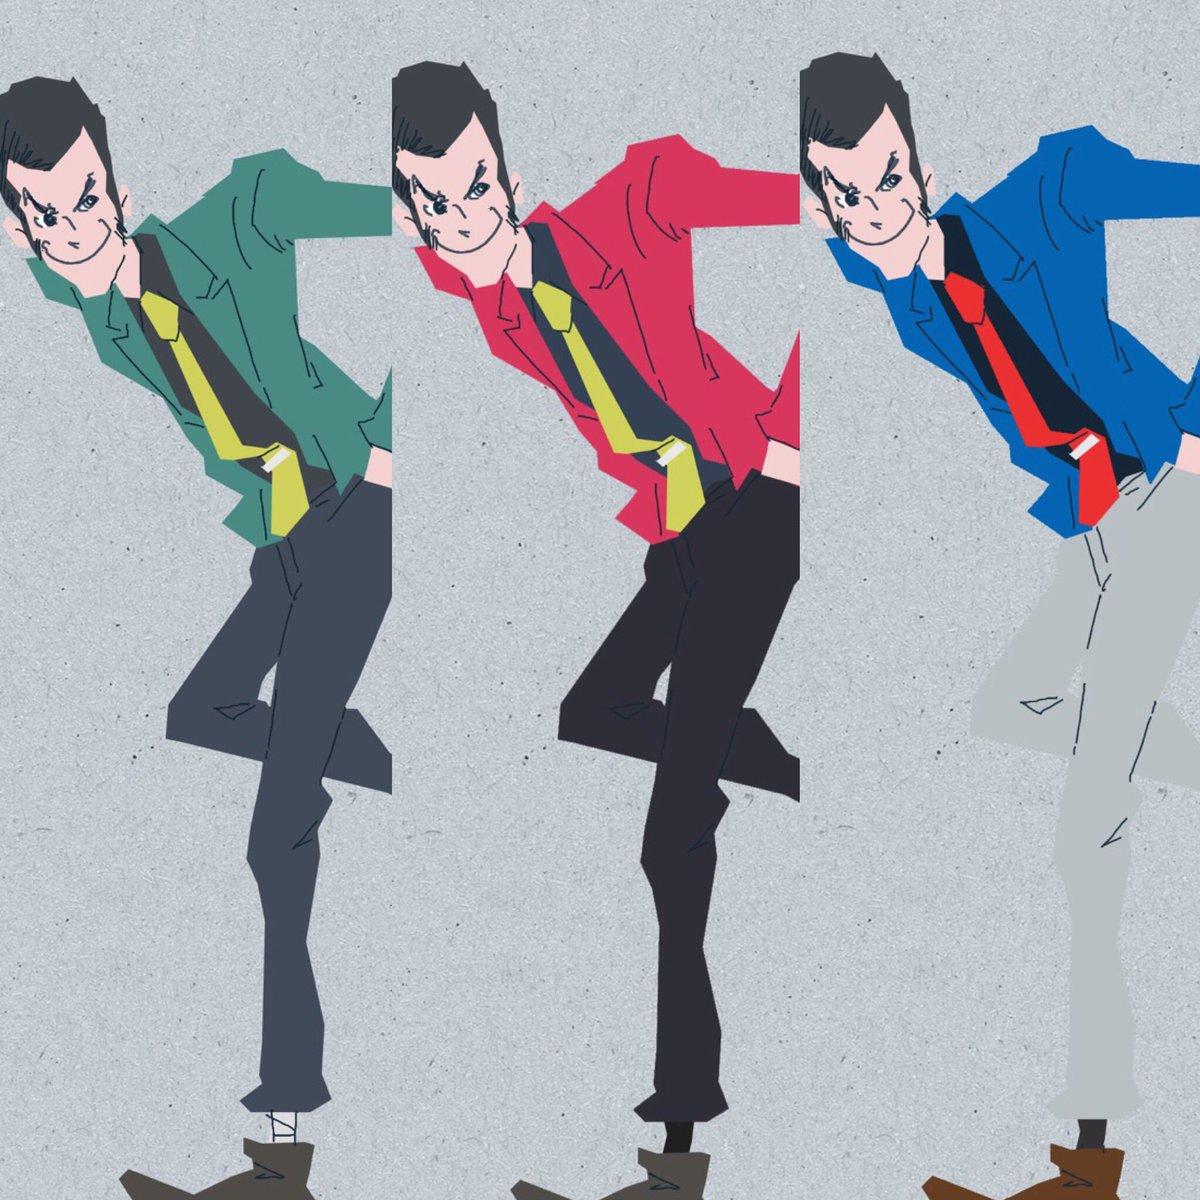 ついでに青ジャケにもしてみて揃えてみた。#ルパン放送45年 #ルパン三世 #複製人間 #kinro #ルパンVS複製人間